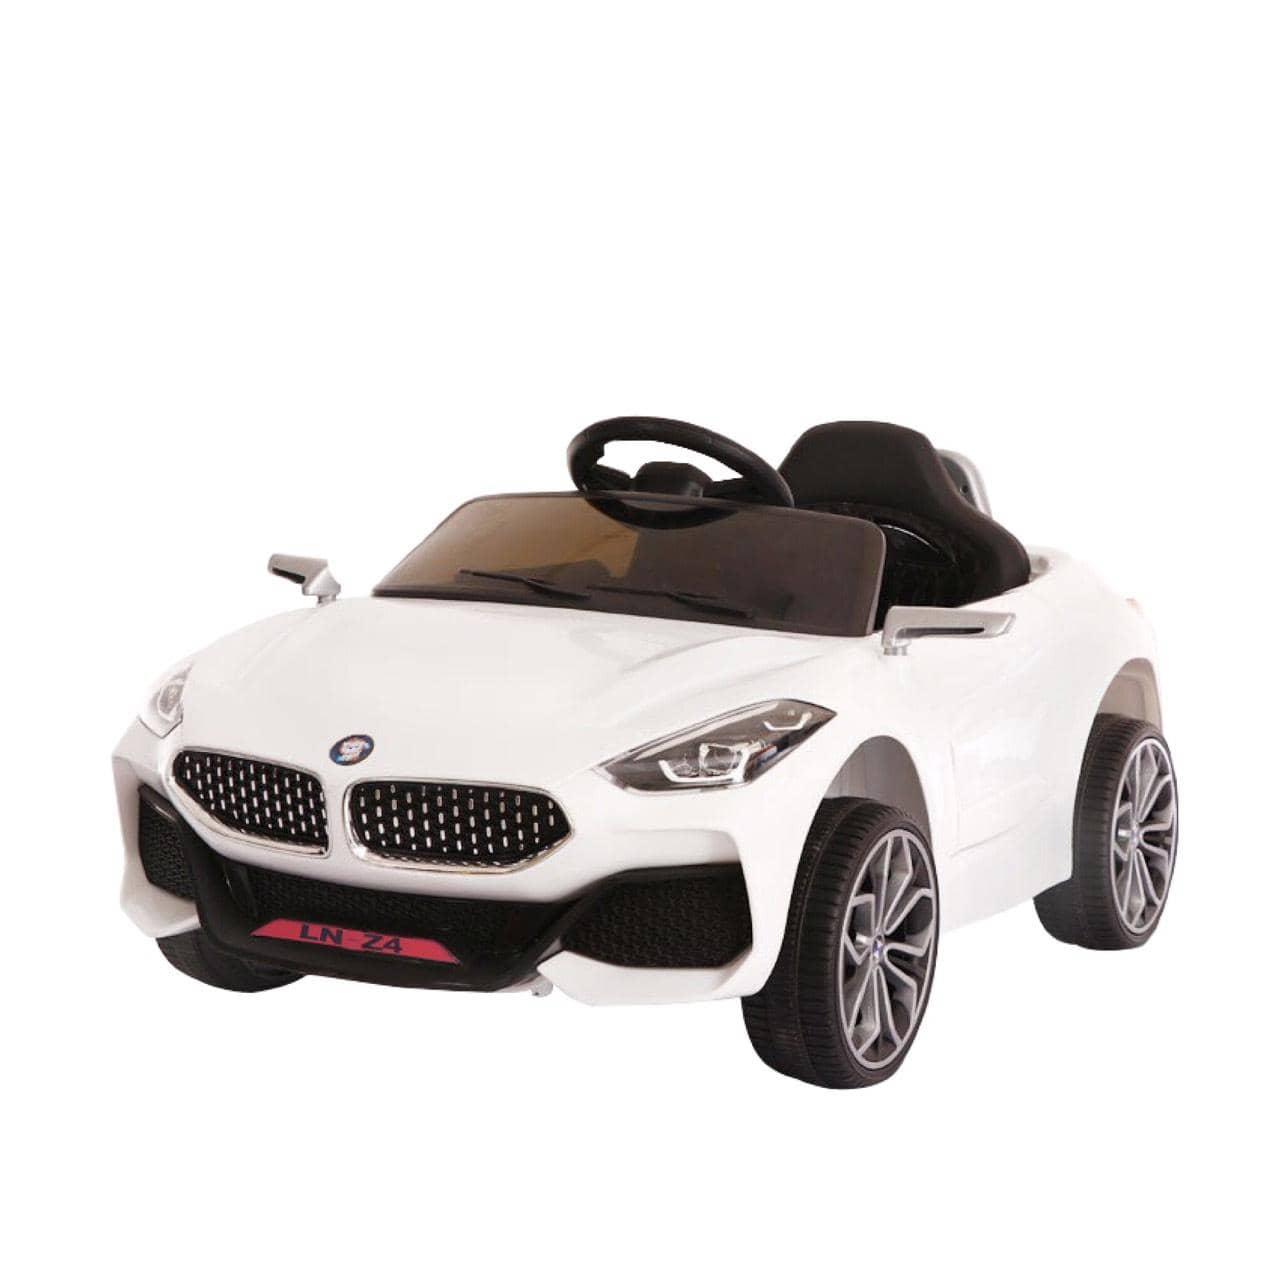 รถแบตเตอรี่ BMW i8/BMW Z4